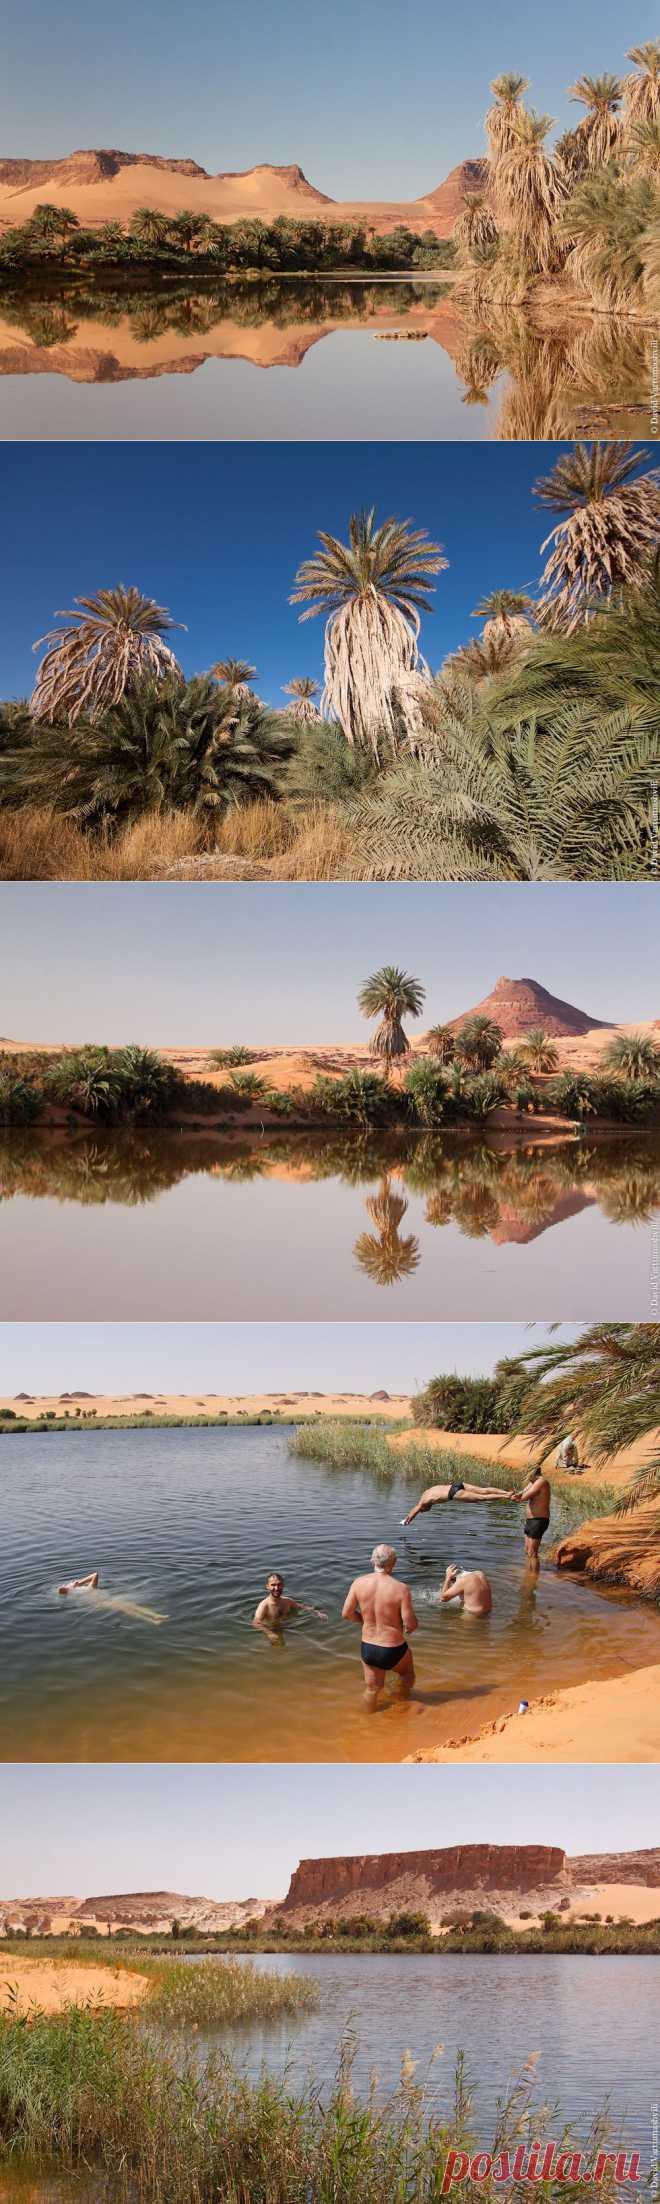 Чад. Озёра Унианга | МУЗА НАШЕГО ДВОРА